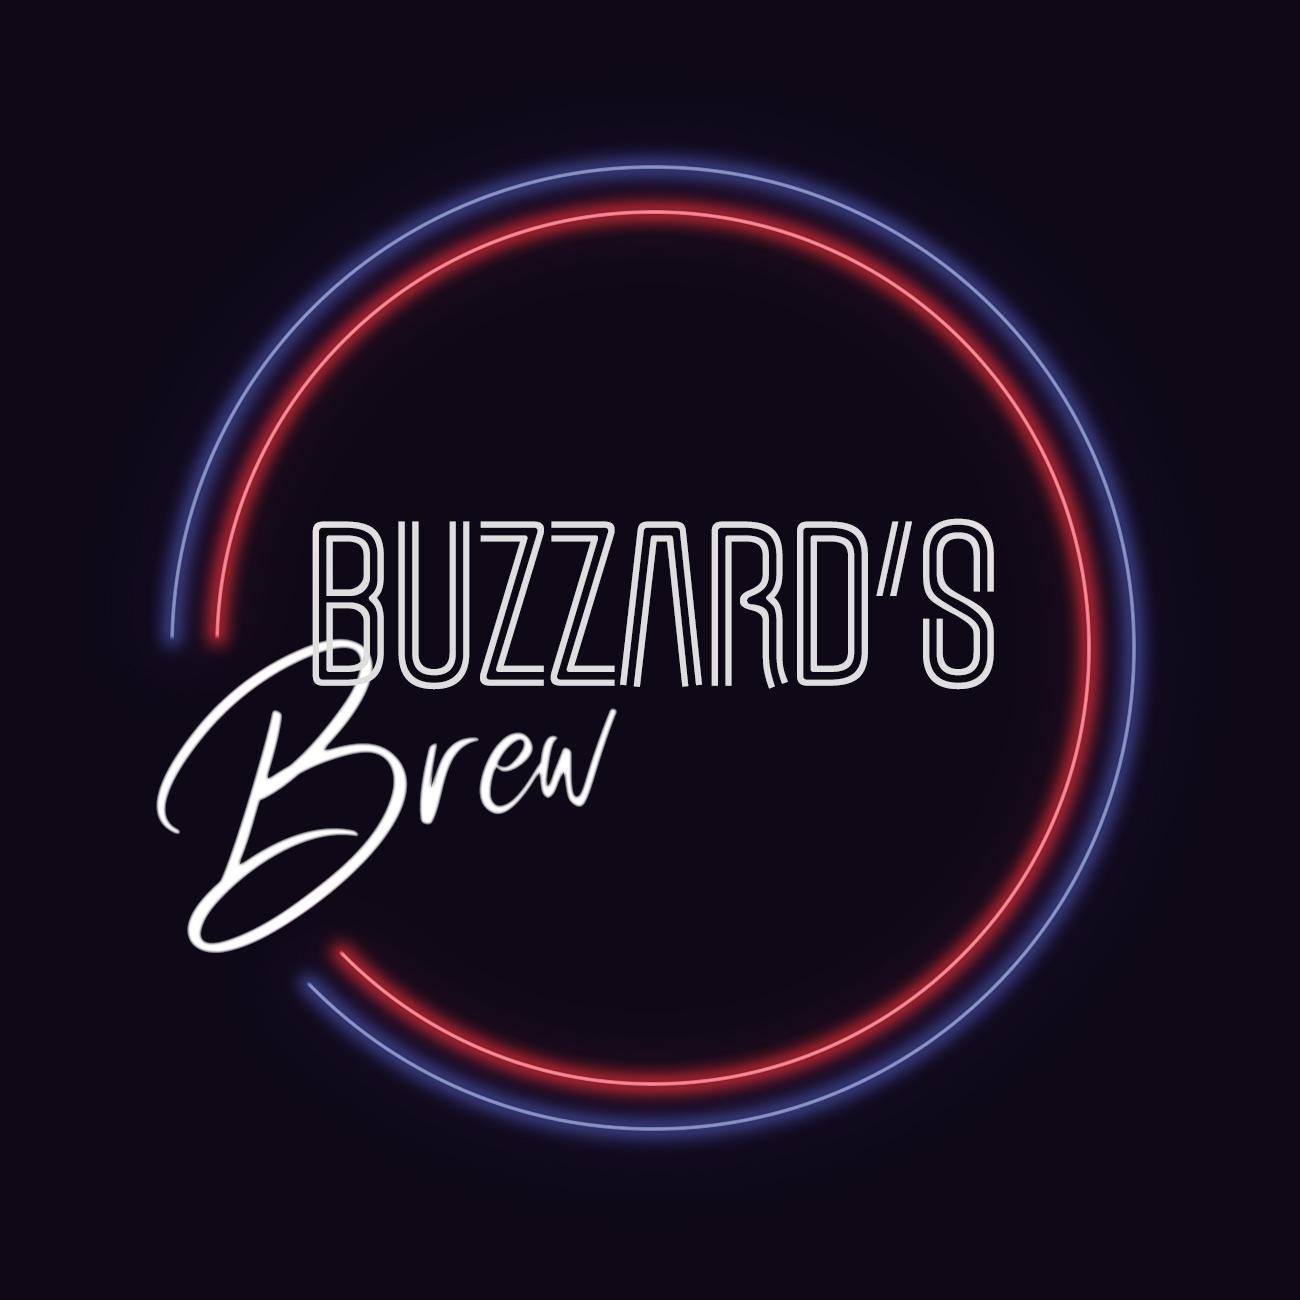 Buzzard's Brew